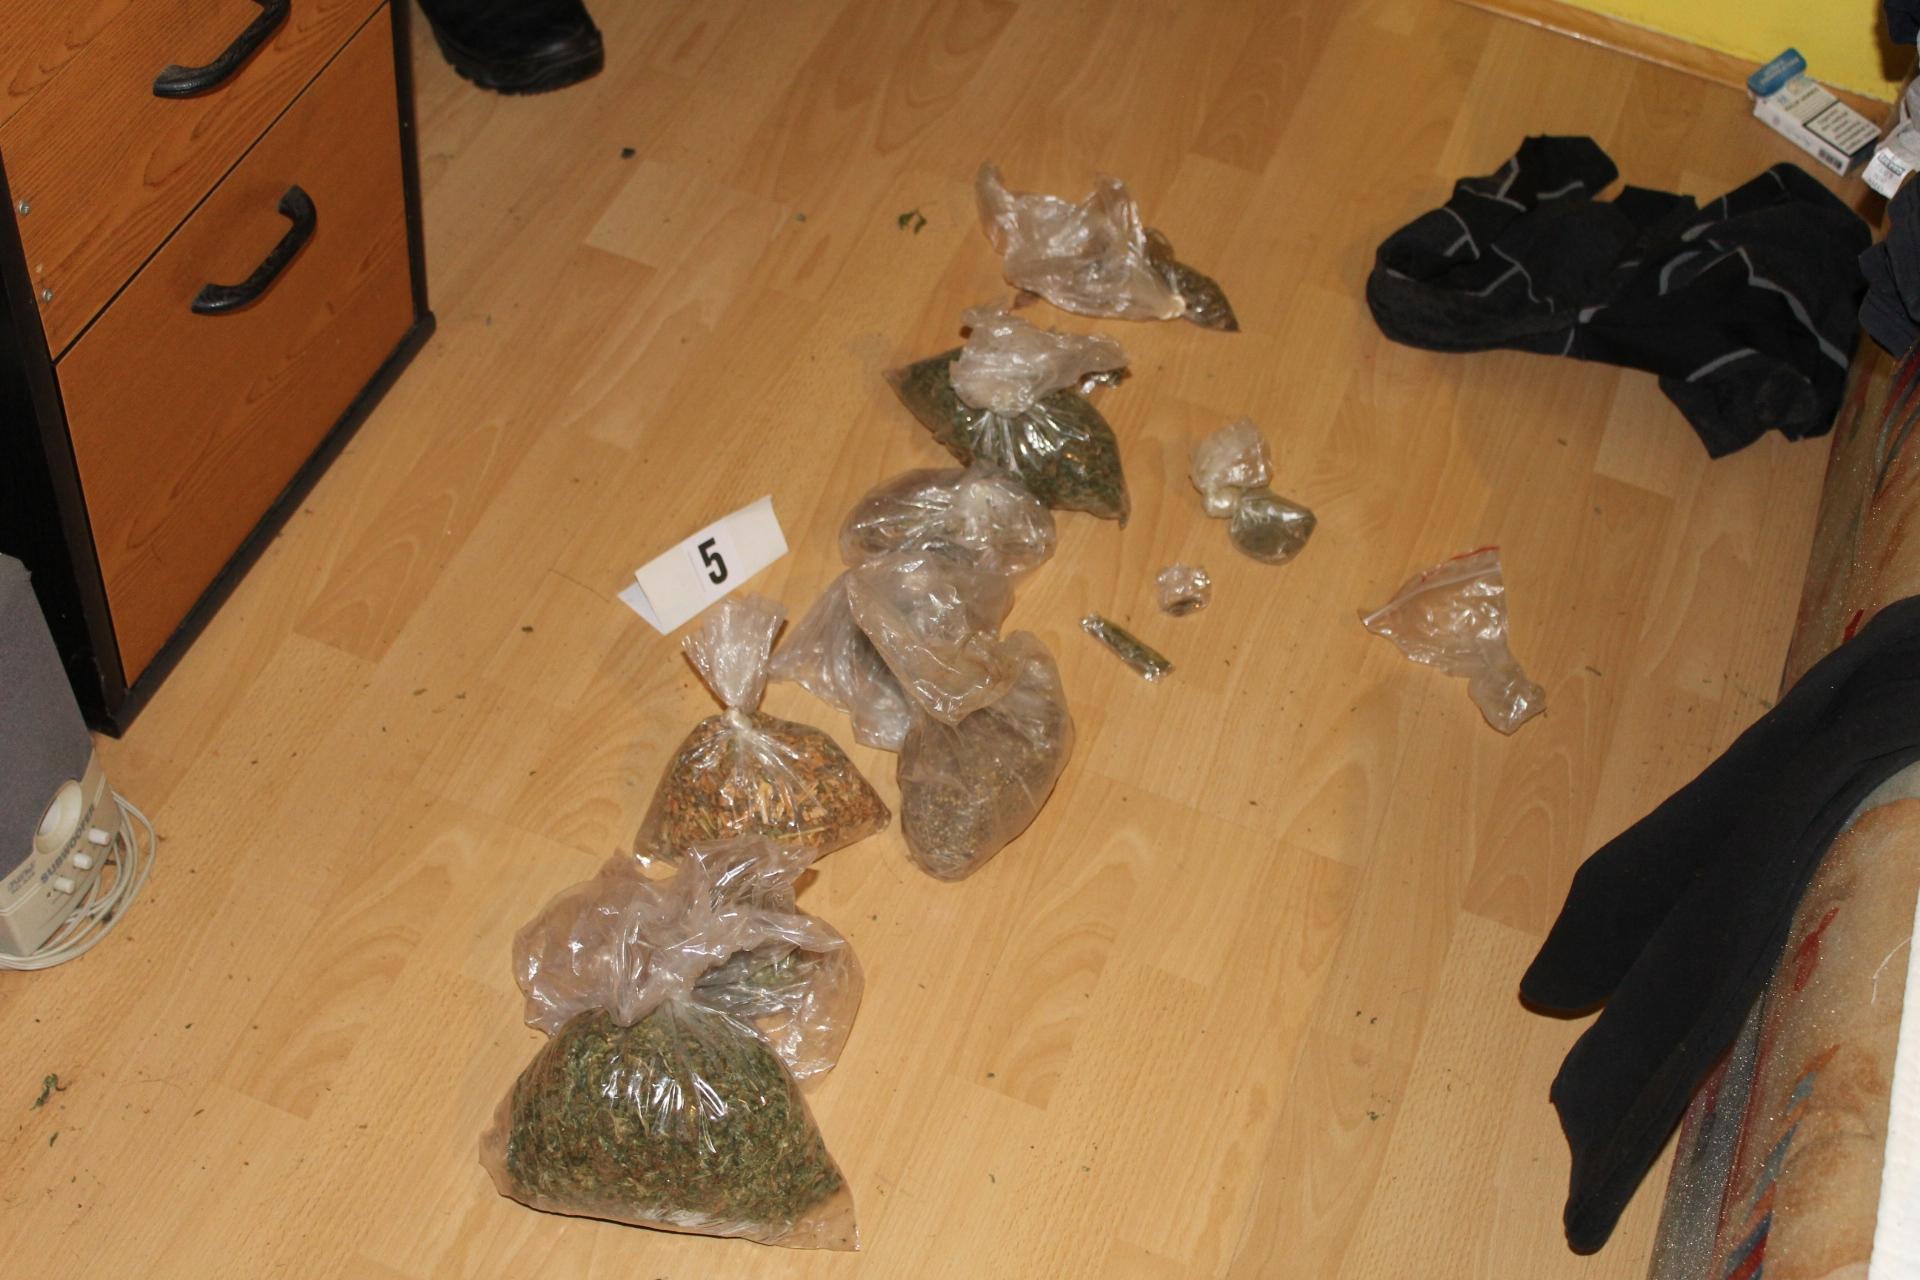 Pri kontroli prometa in hišni preiskavi našli droge